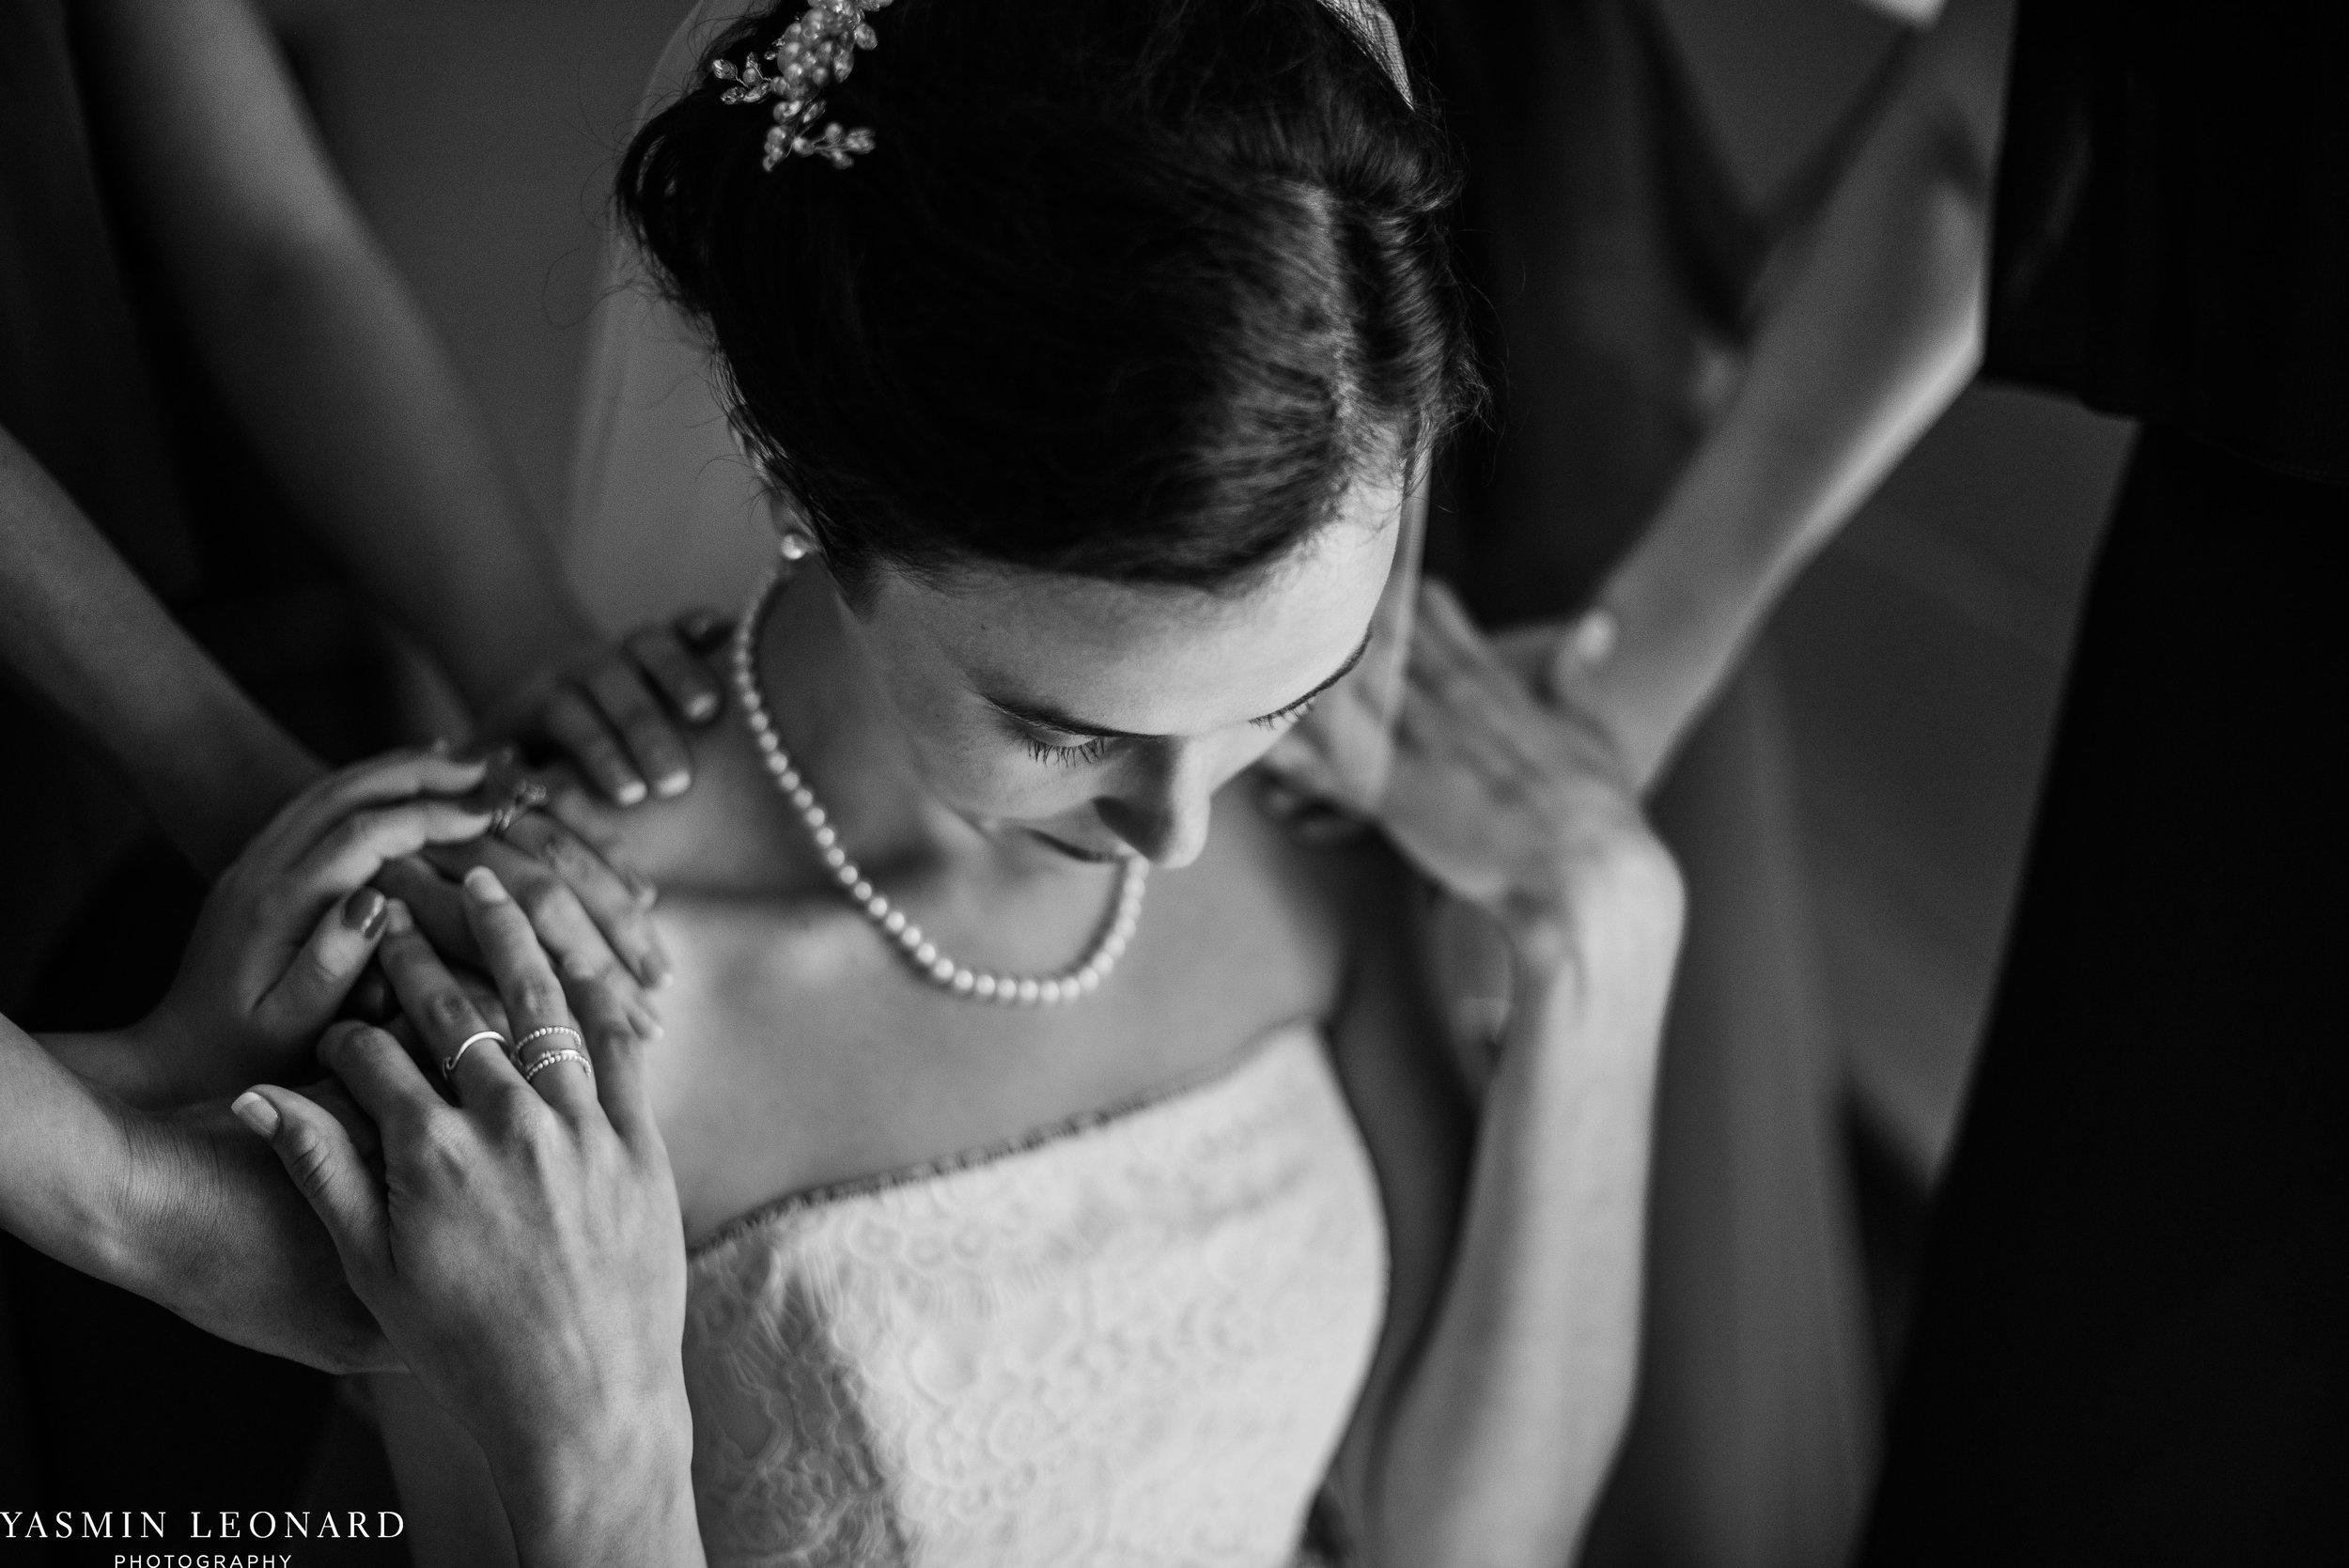 Mt. Pleasant Church - Church Wedding - Traditional Wedding - Church Ceremony - Country Wedding - Godly Wedding - NC Wedding Photographer - High Point Weddings - Triad Weddings - NC Venues-19.jpg